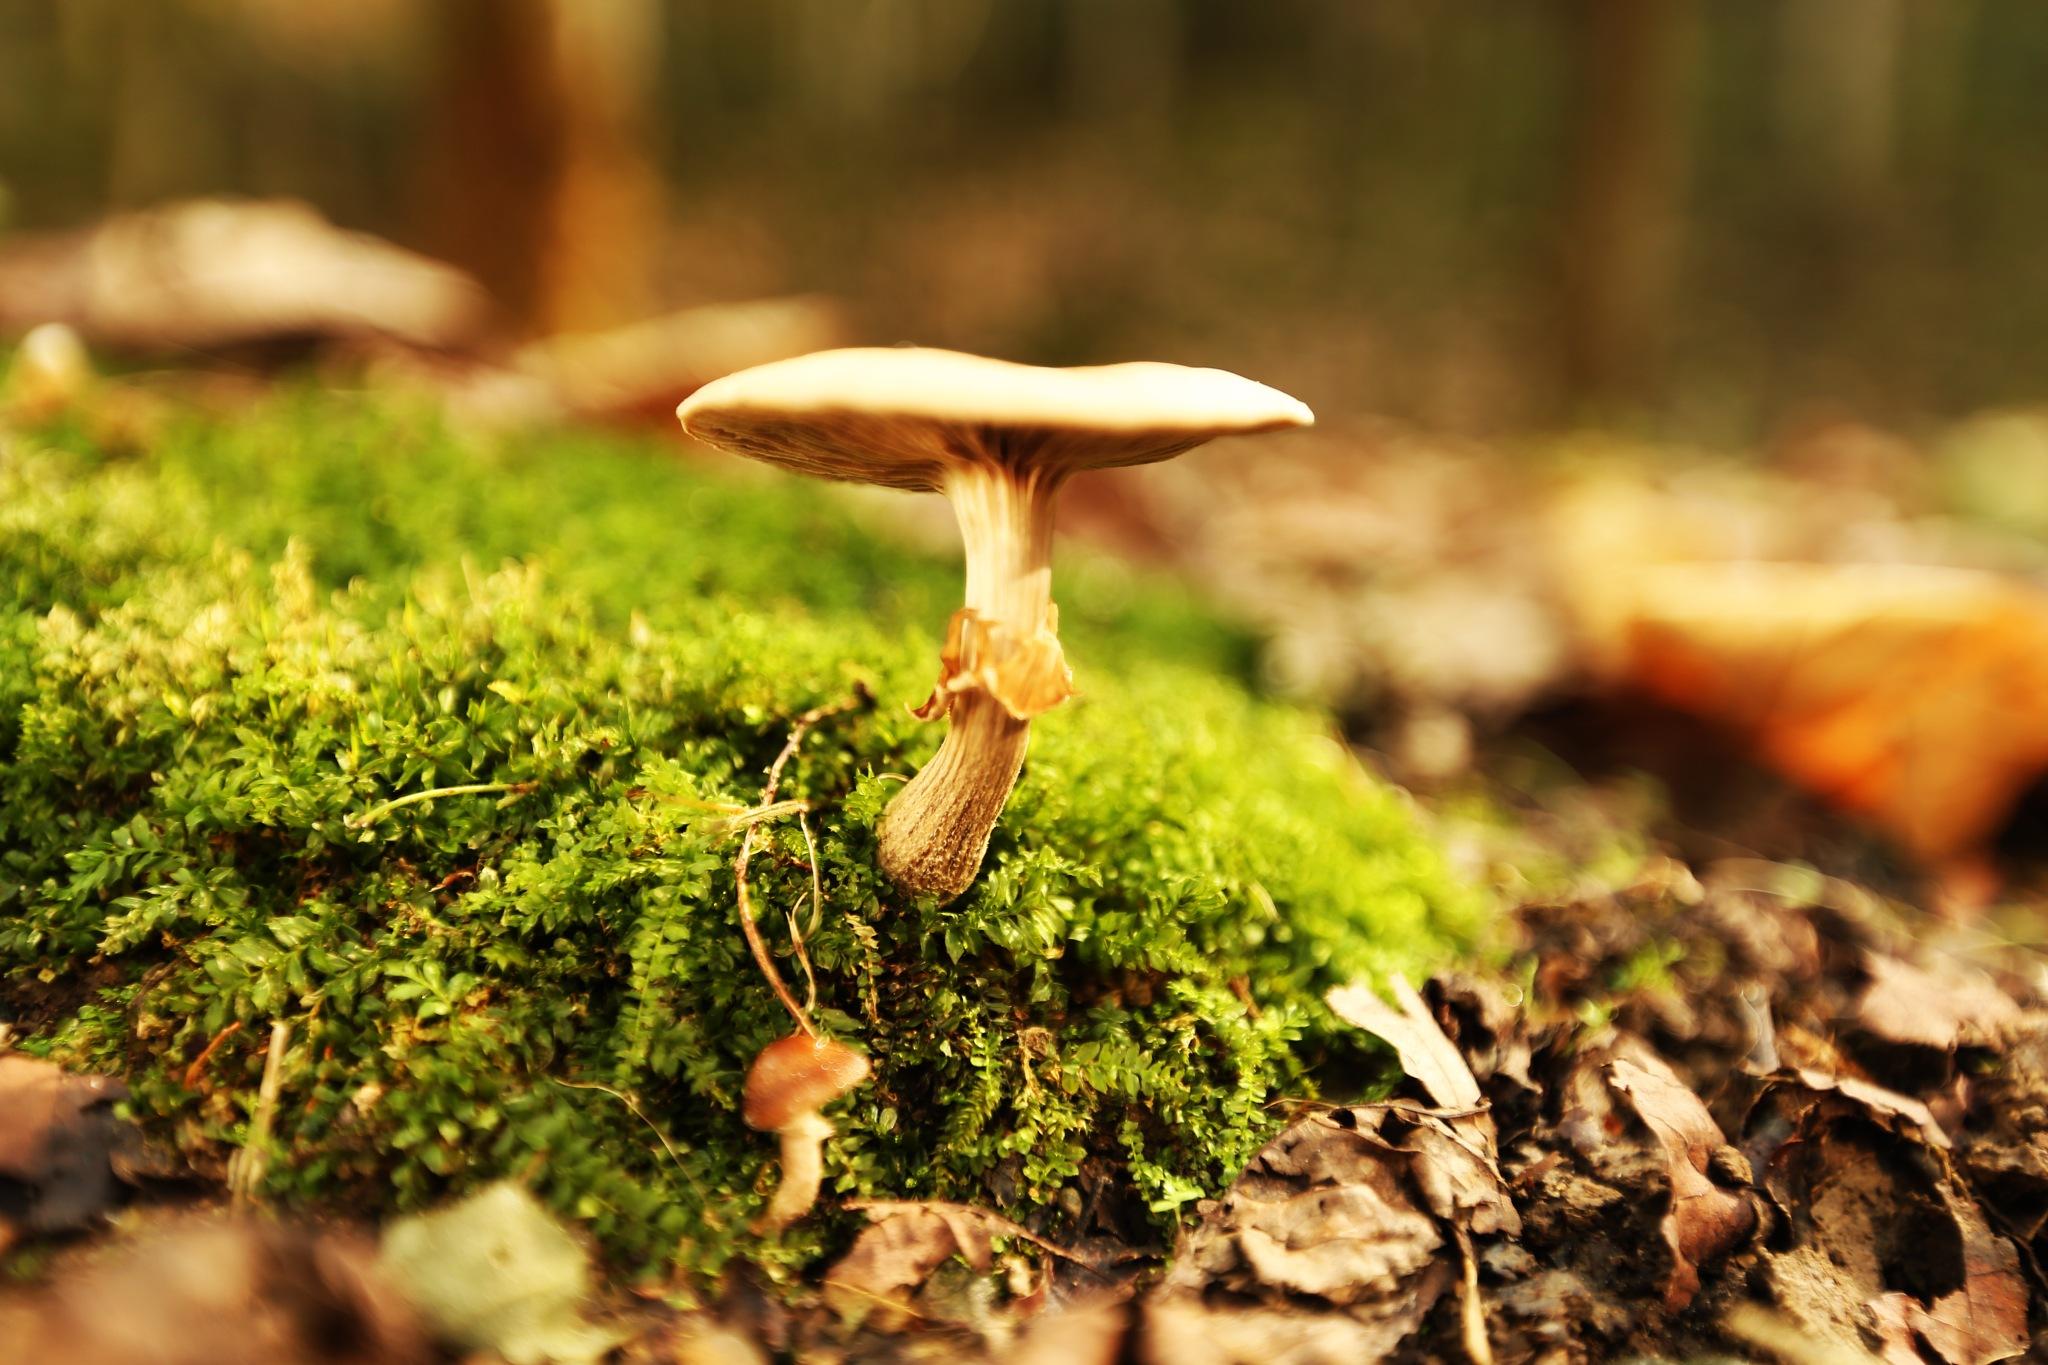 Mushroom by saeid parchini